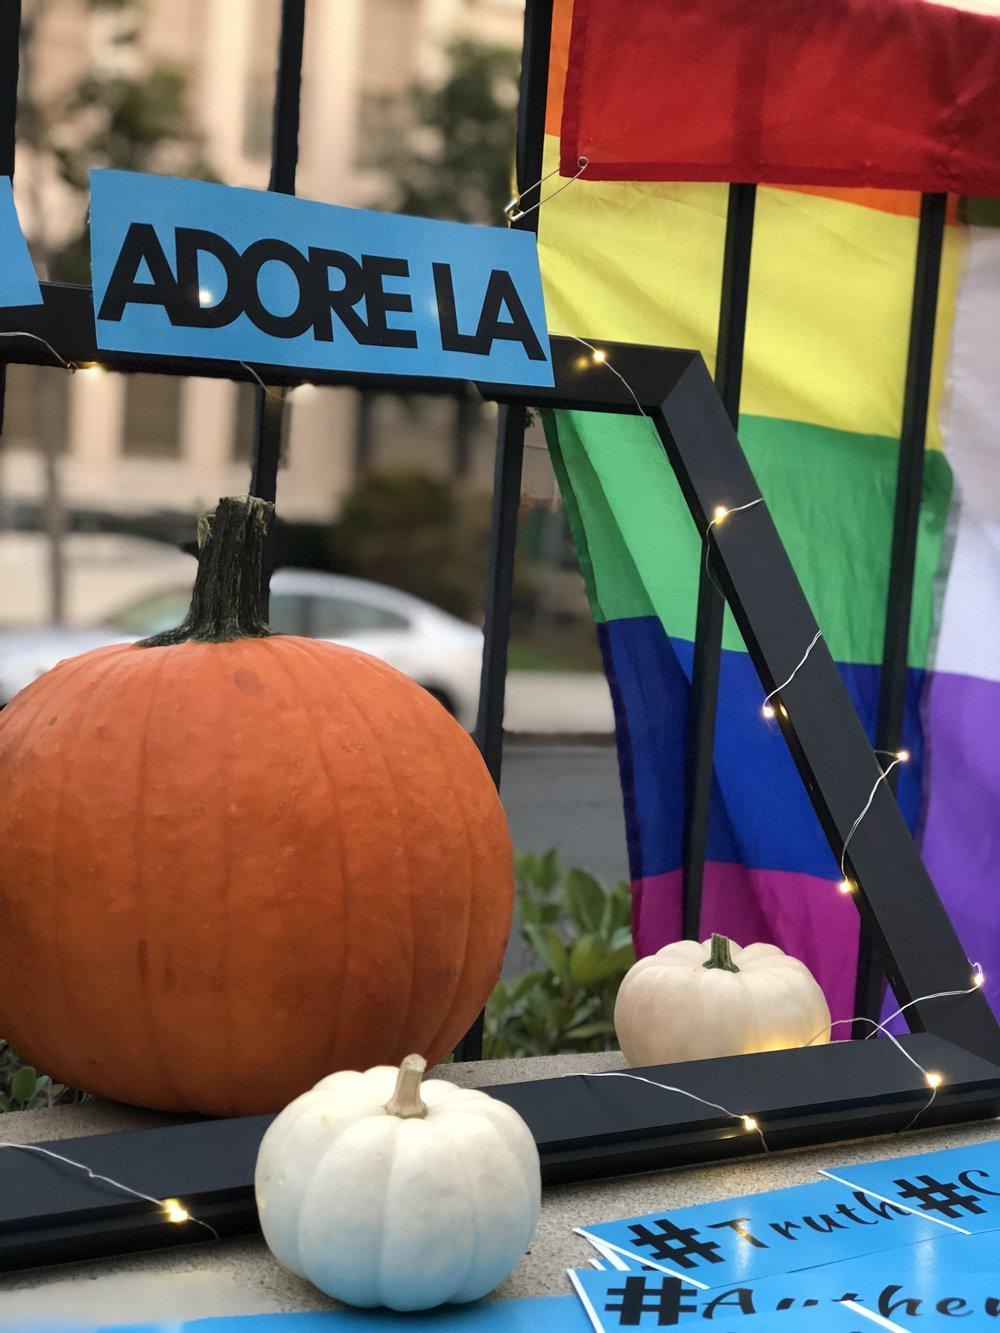 ADORE LA - Carving up those pumpkins